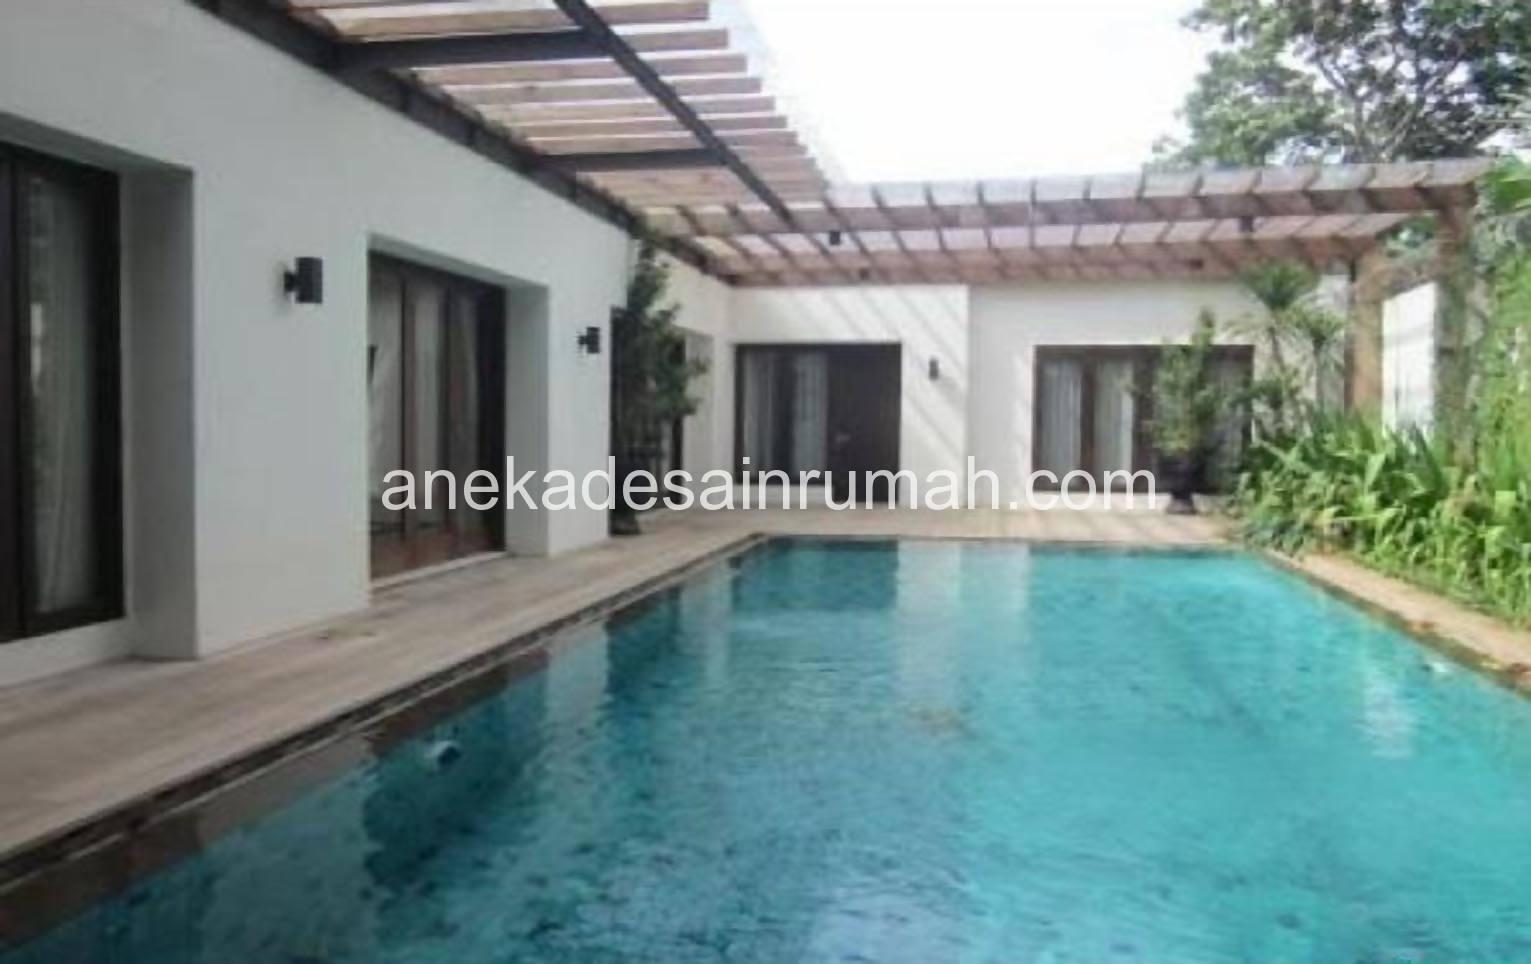 taman belakang rumah dan kolam renang